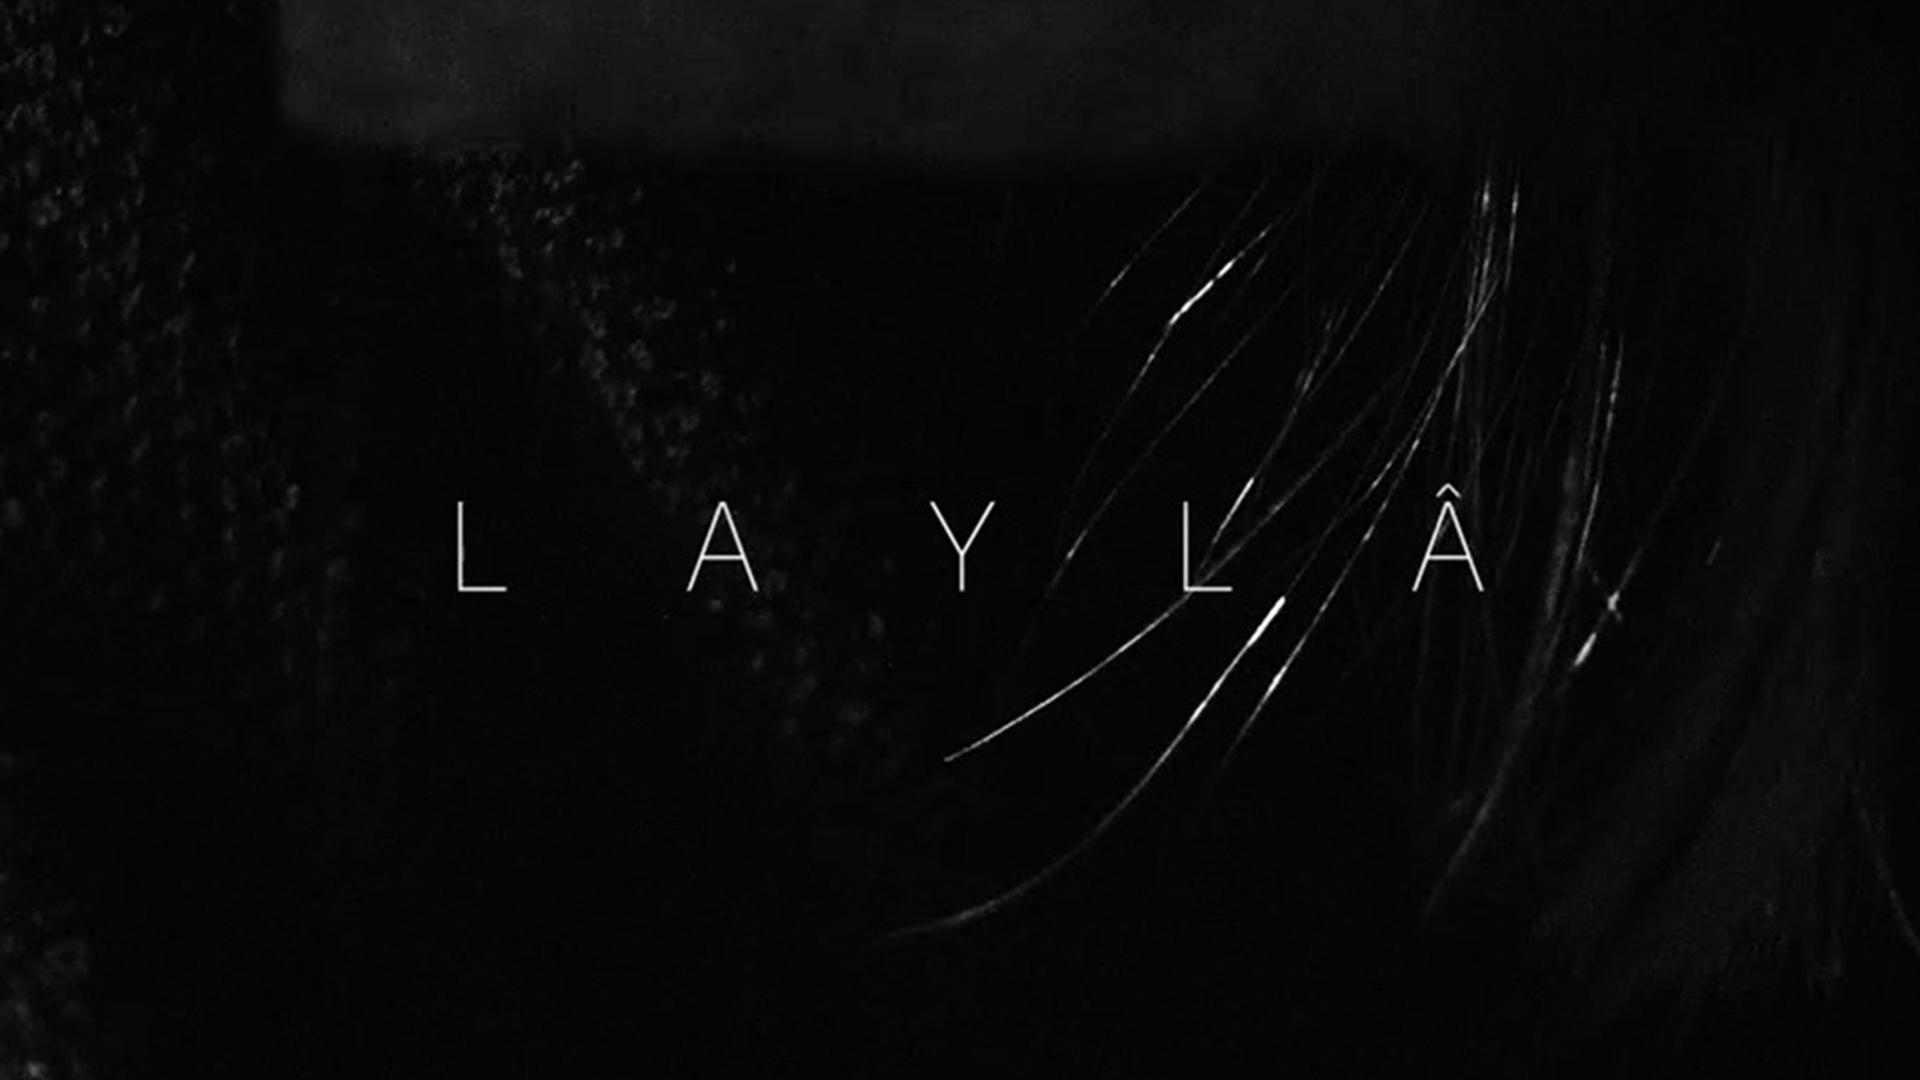 Layla 1 resize 1